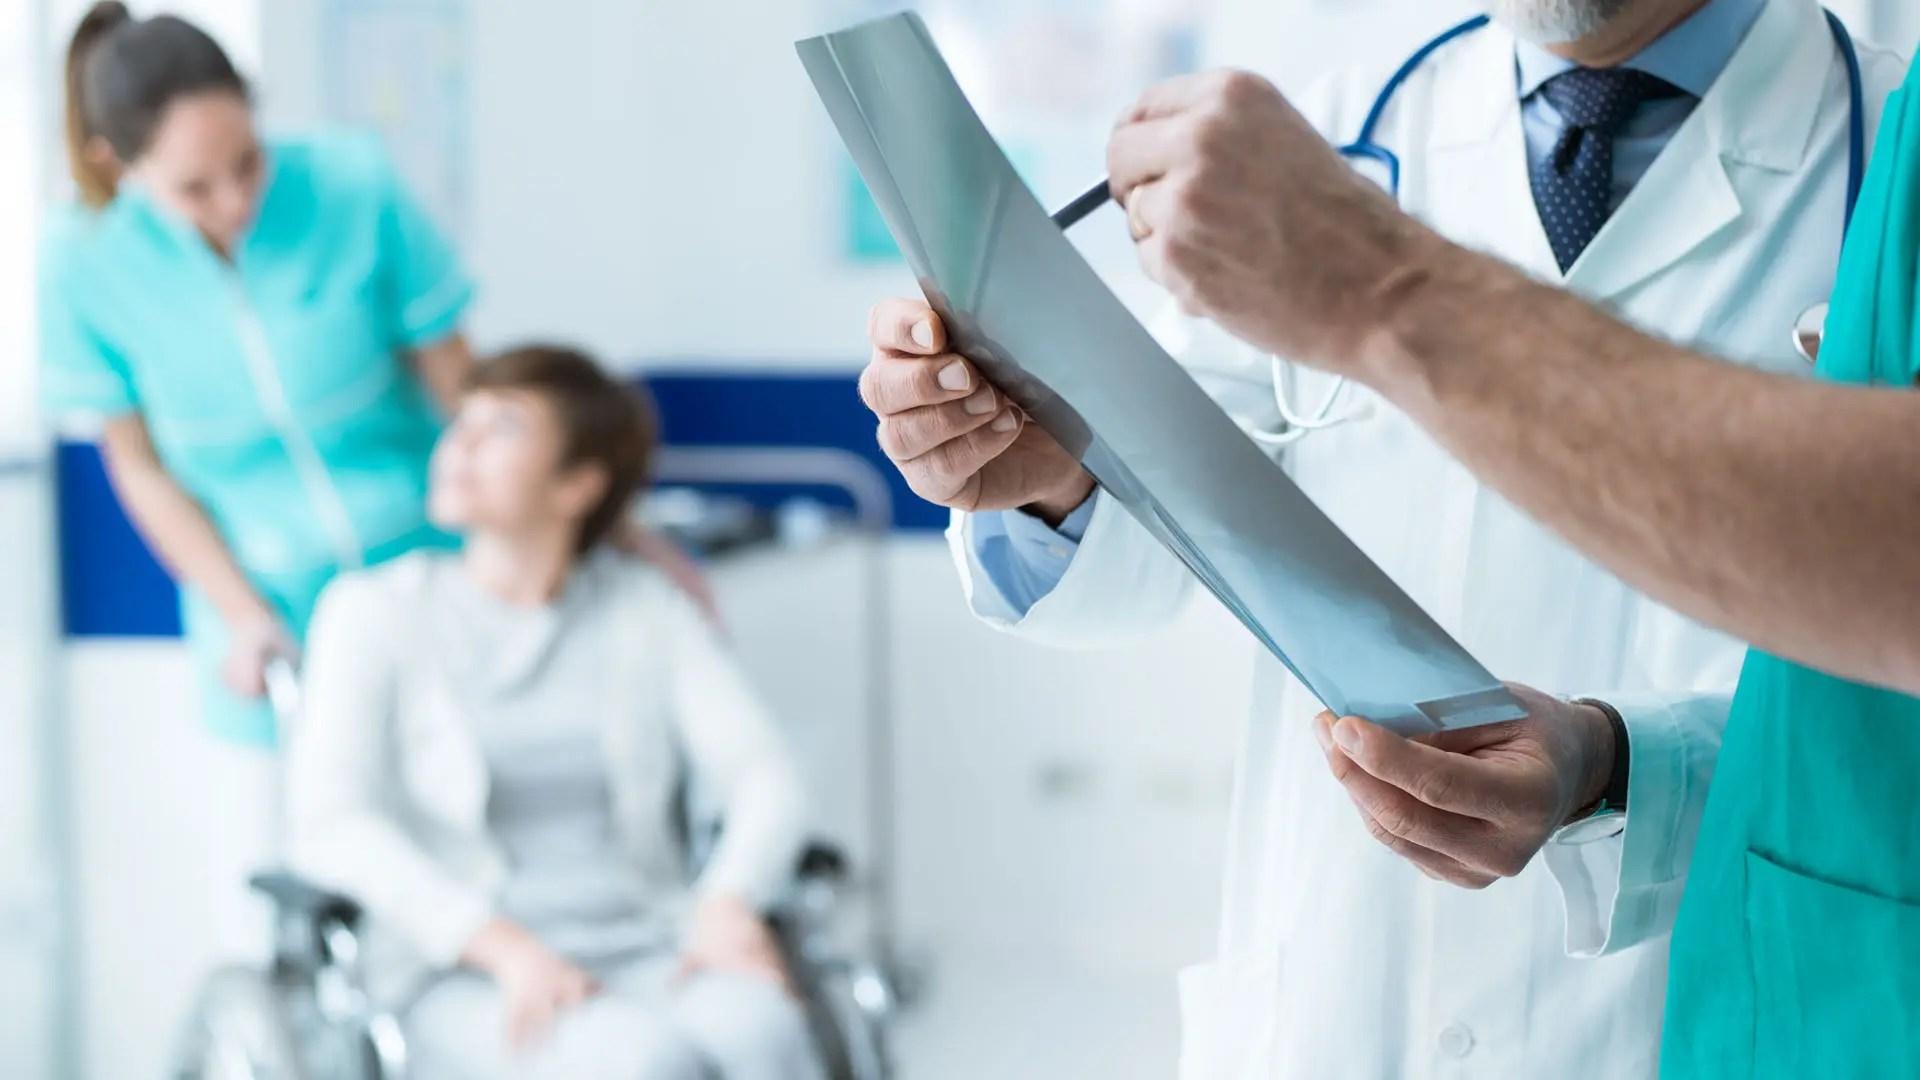 térdfájdalmas daganatok kezelése